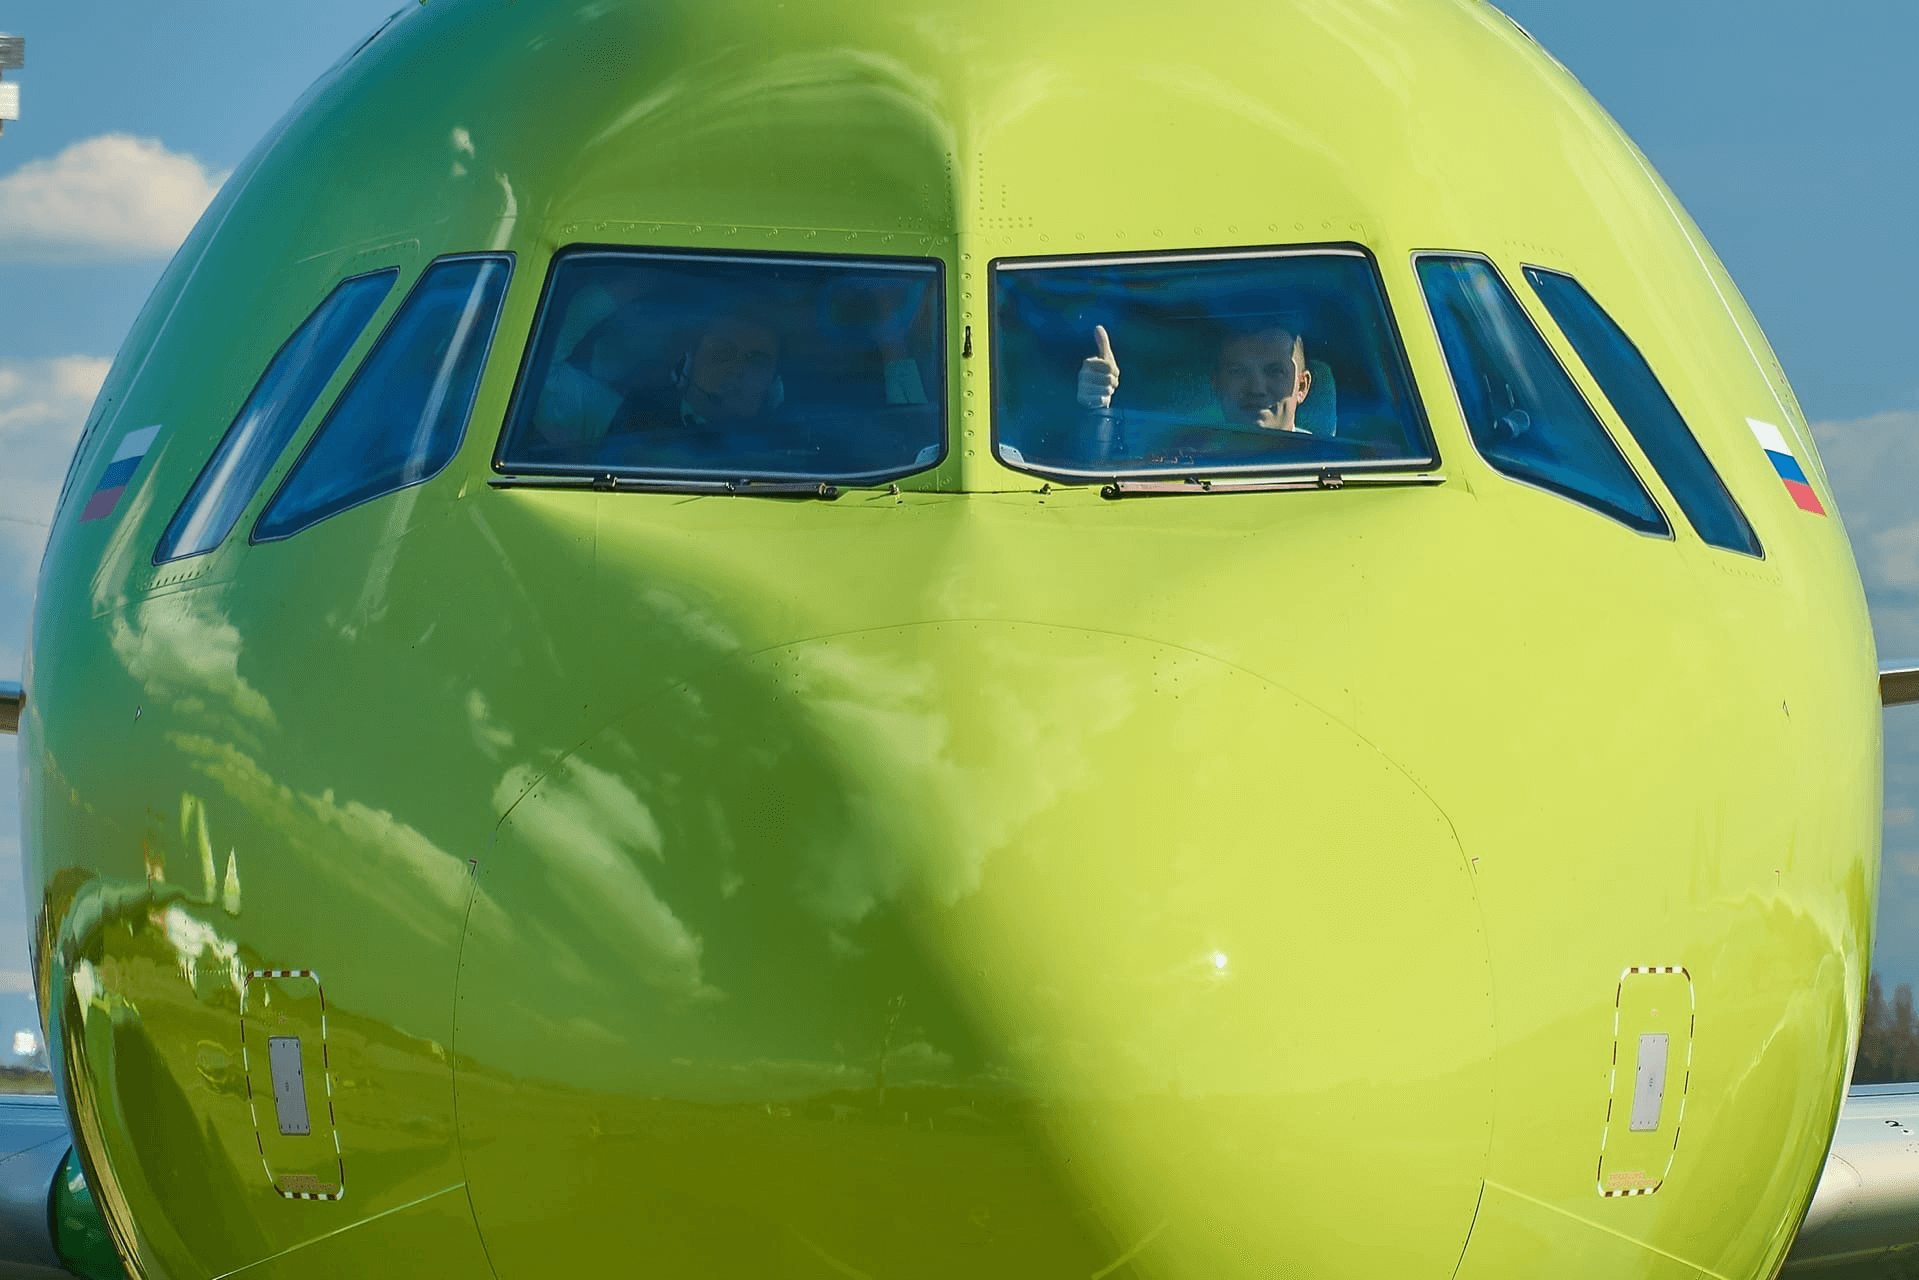 Аэропорт Краснодара открыл чартерные рейсы в Каир, Ларнаку, Ереван и Ош